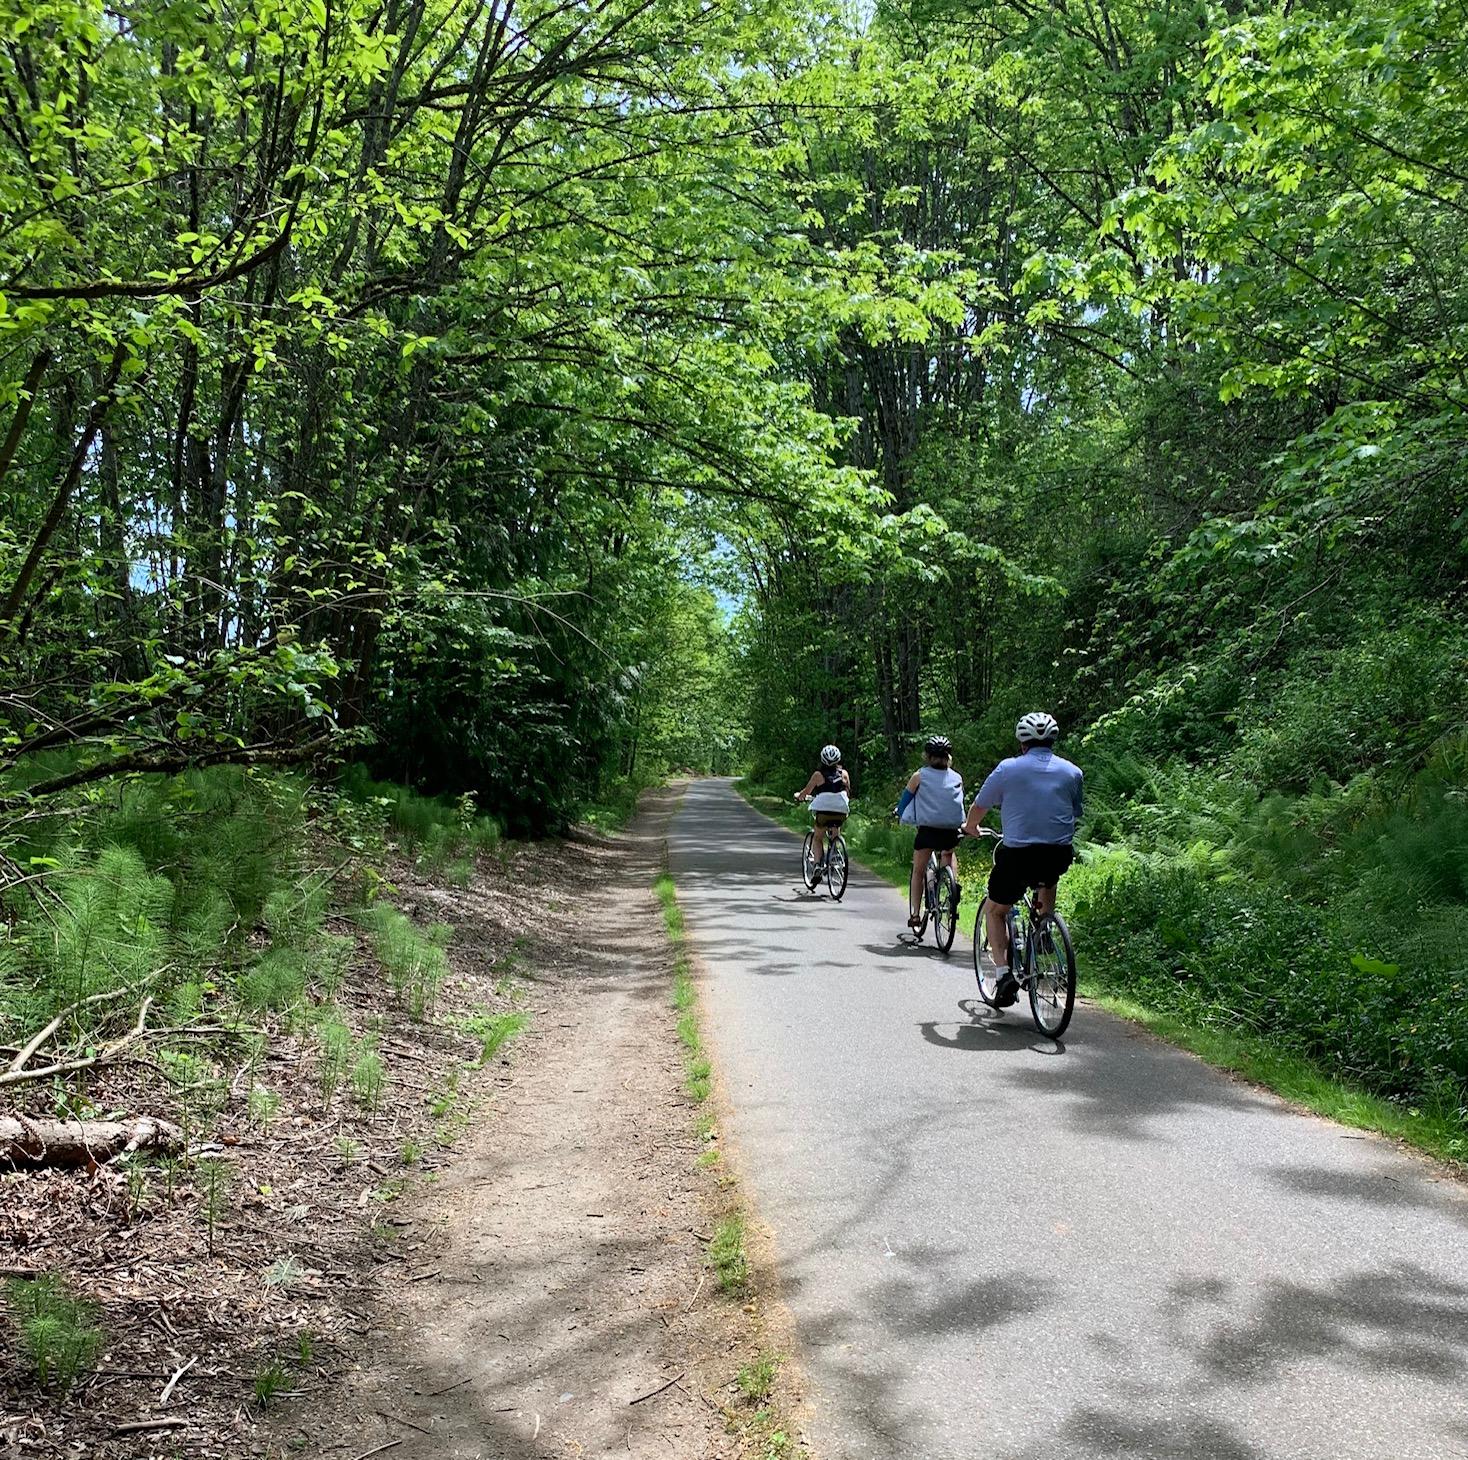 A photo of the bike tour on trail through trees.